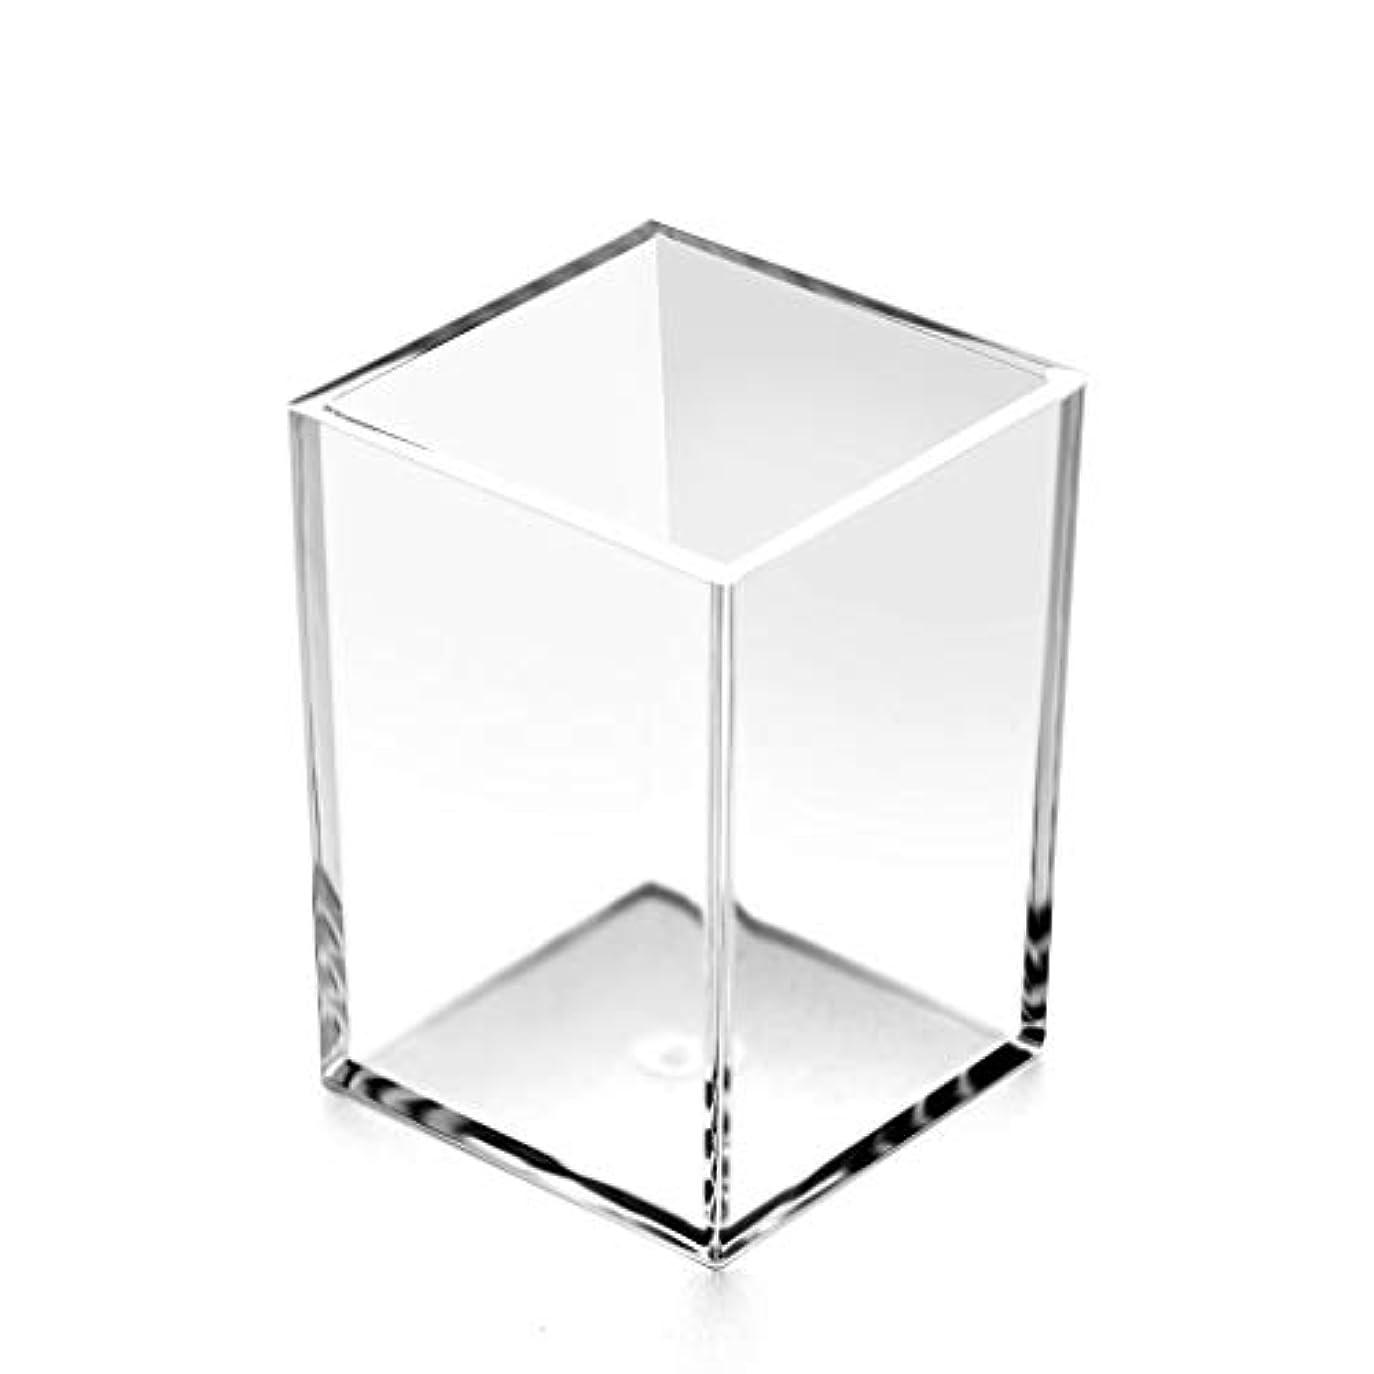 結晶三角形訴えるRiLiKu アクリルペン立て 鉛筆ホルダー 透明 卓上文房具収納ボックス メイクブラシ収納ボックス